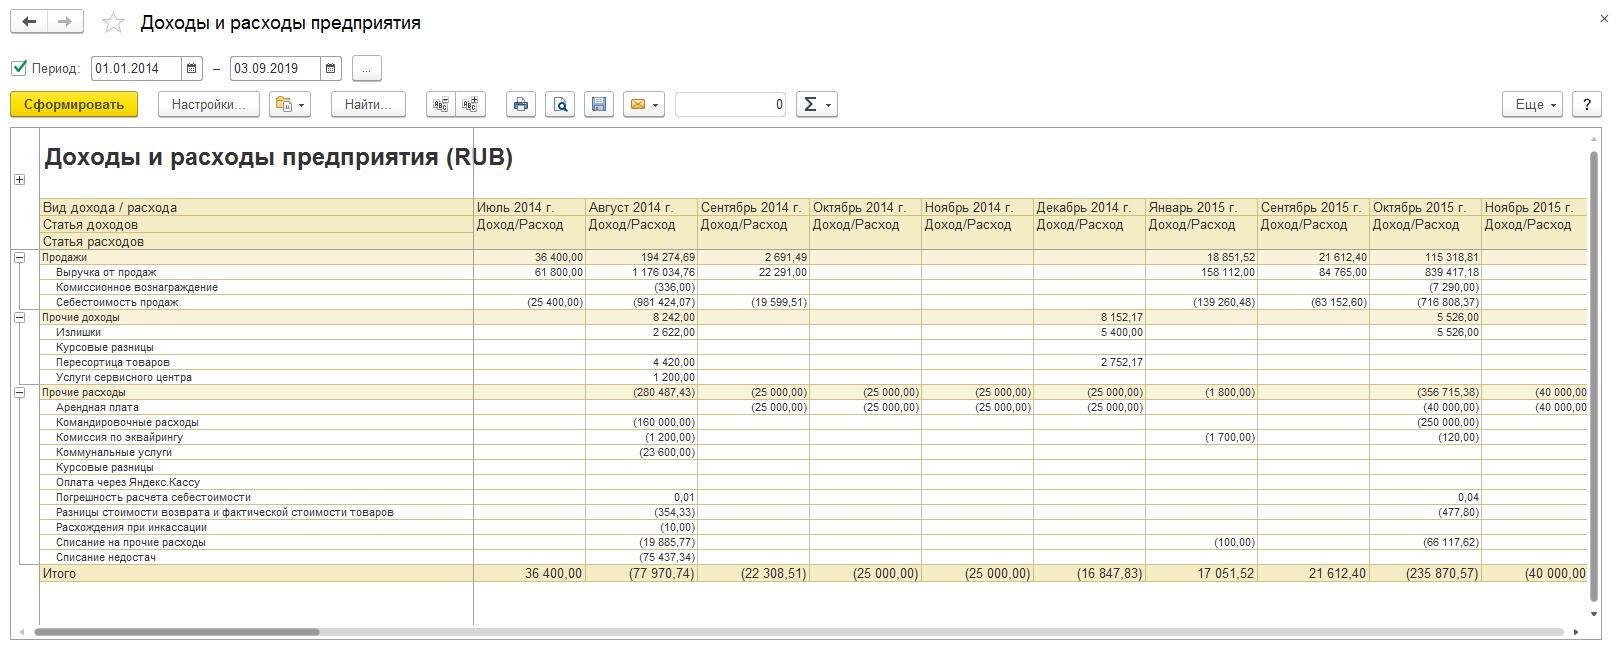 Анализ деятельности, Доходы ирасходы предприятия